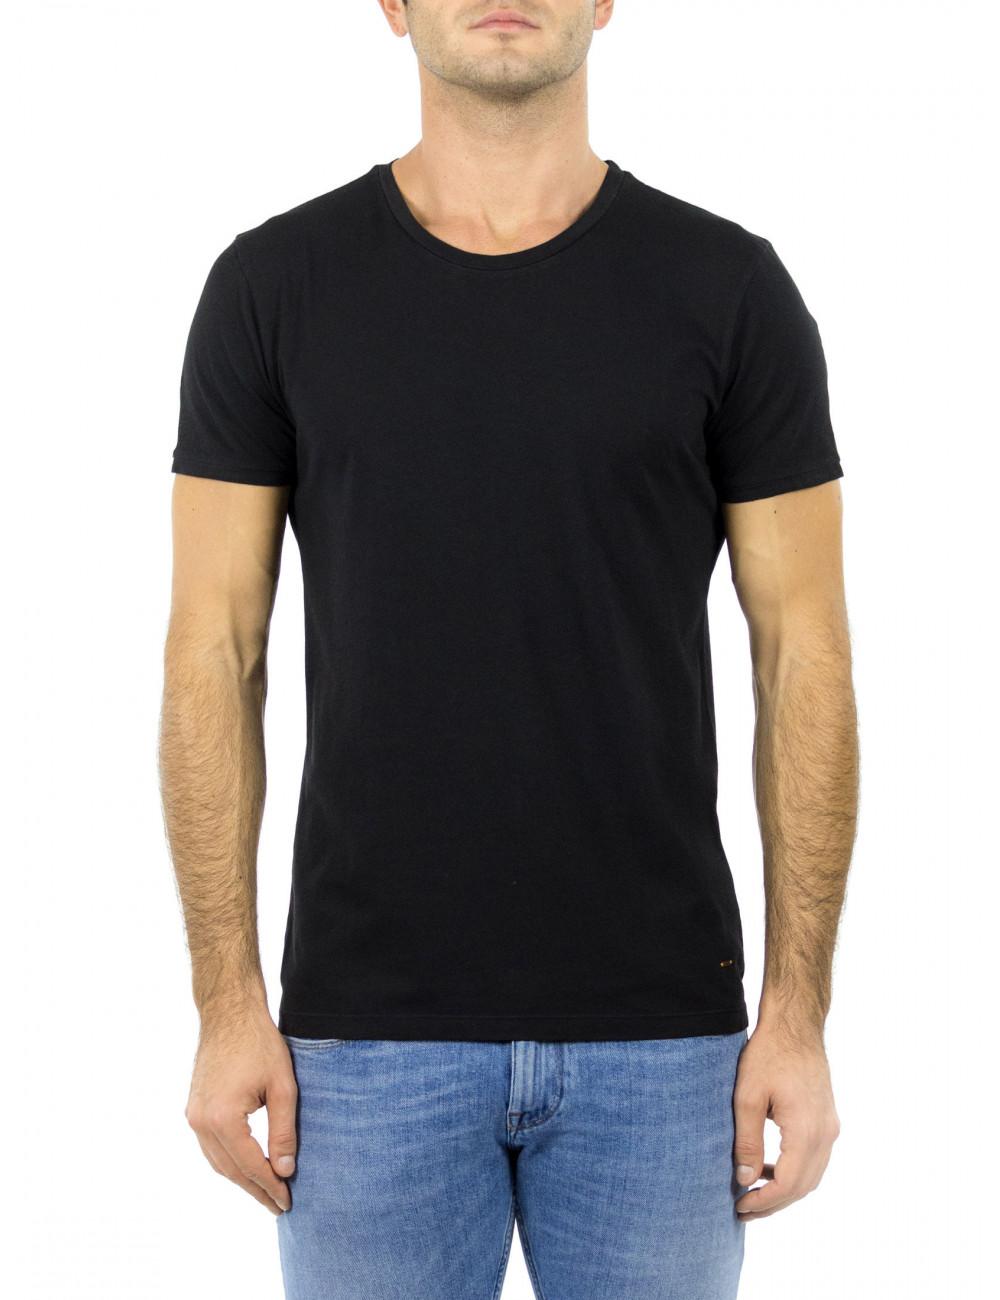 T-shirt Boss Orange Uomo